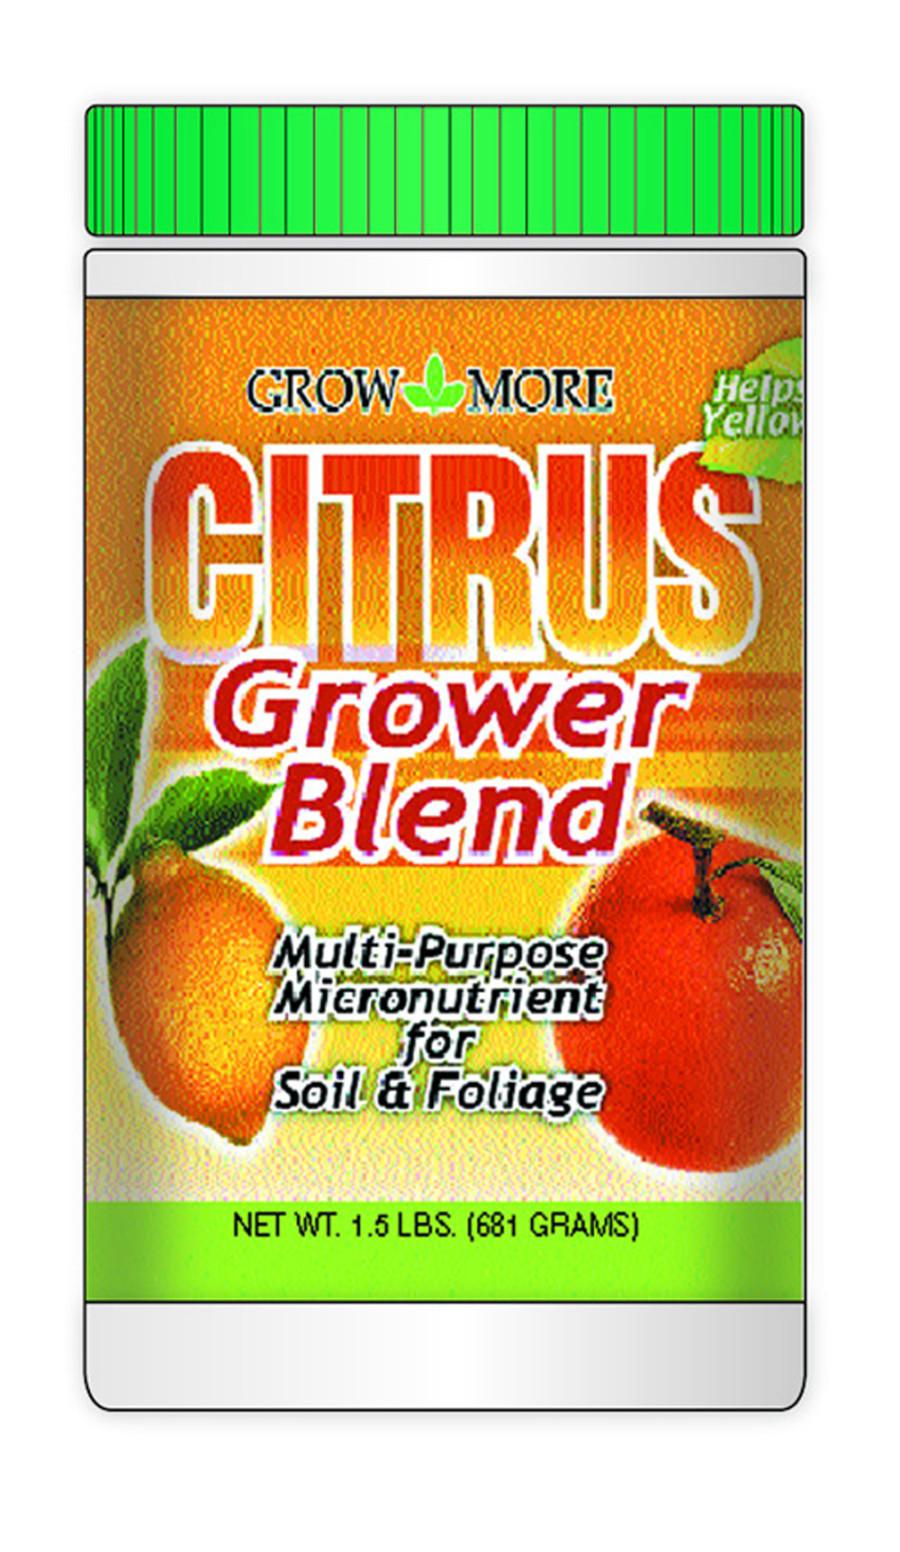 Grow More Citrus Grower Blend Fertilizer 1.7-0-0